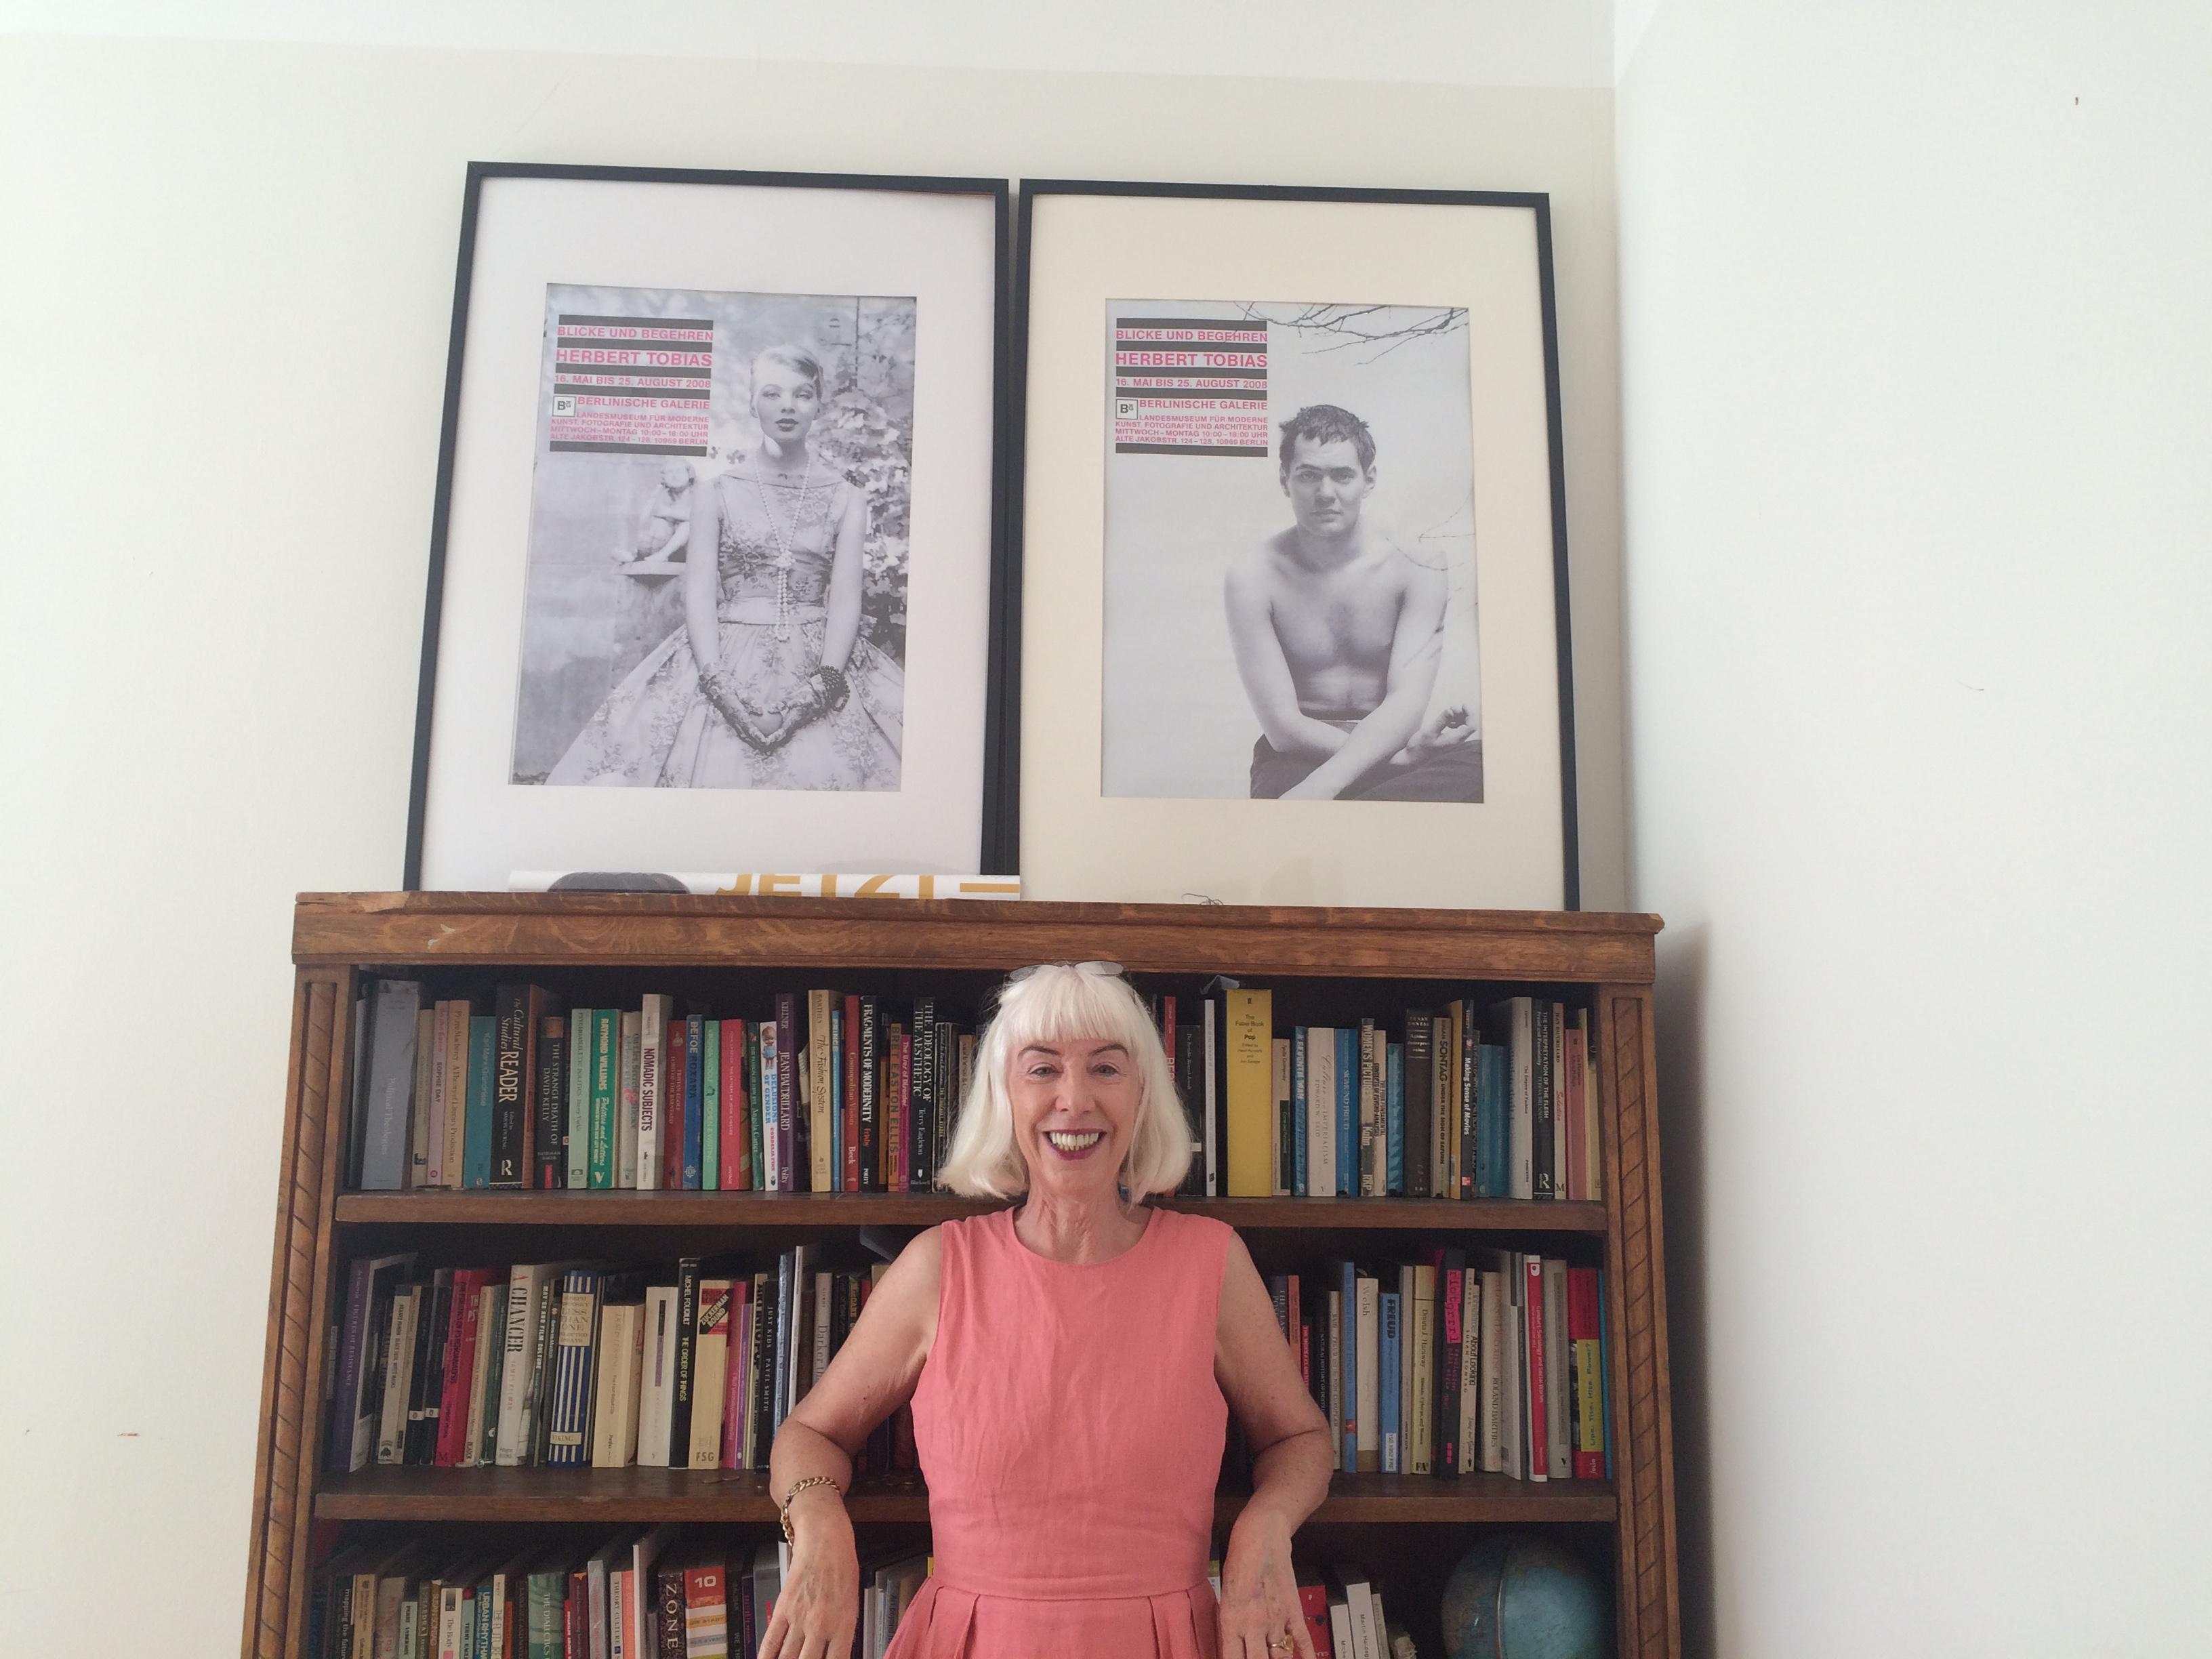 YYeni Kitabı, Feminizm, Akademi ve Sosyal Medya Hakkında Angela McRobbie ile Röportaj